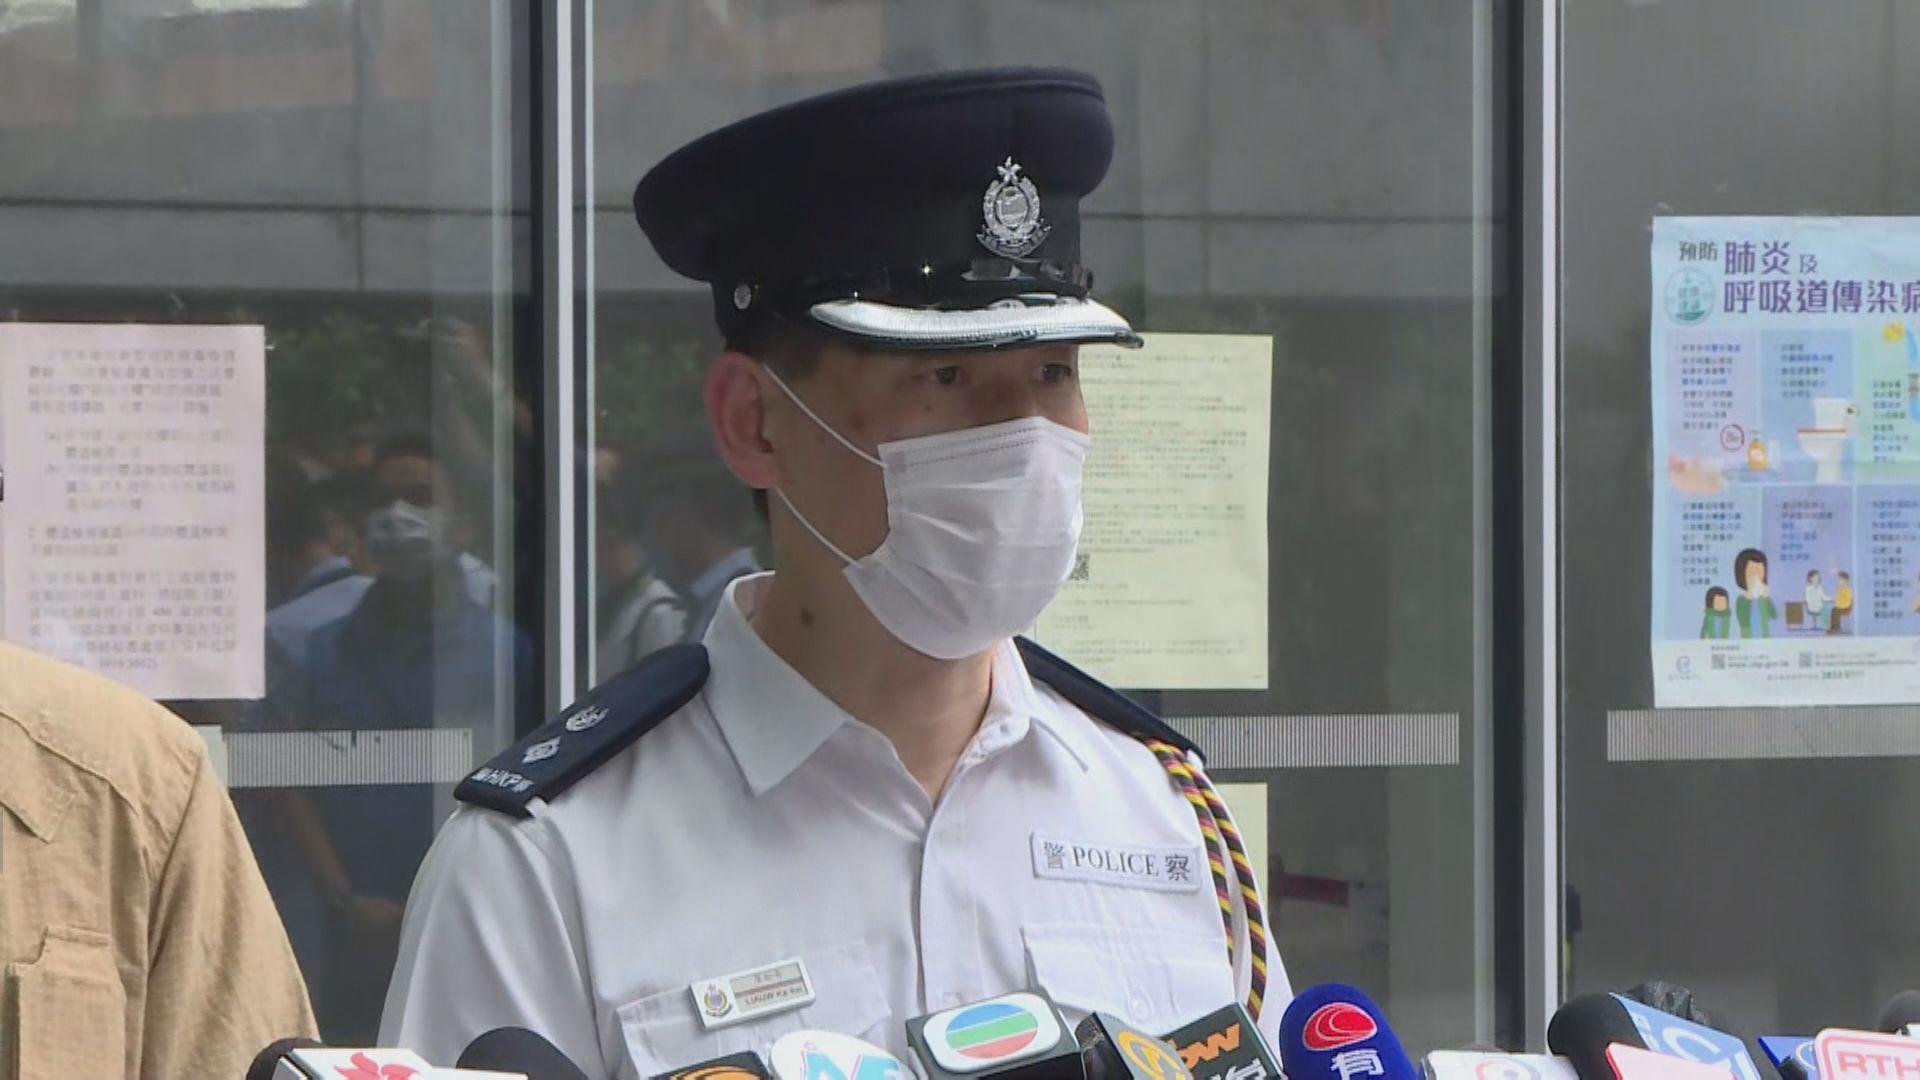 警方調查許智峯投擲物質 不排除日後有拘捕行動